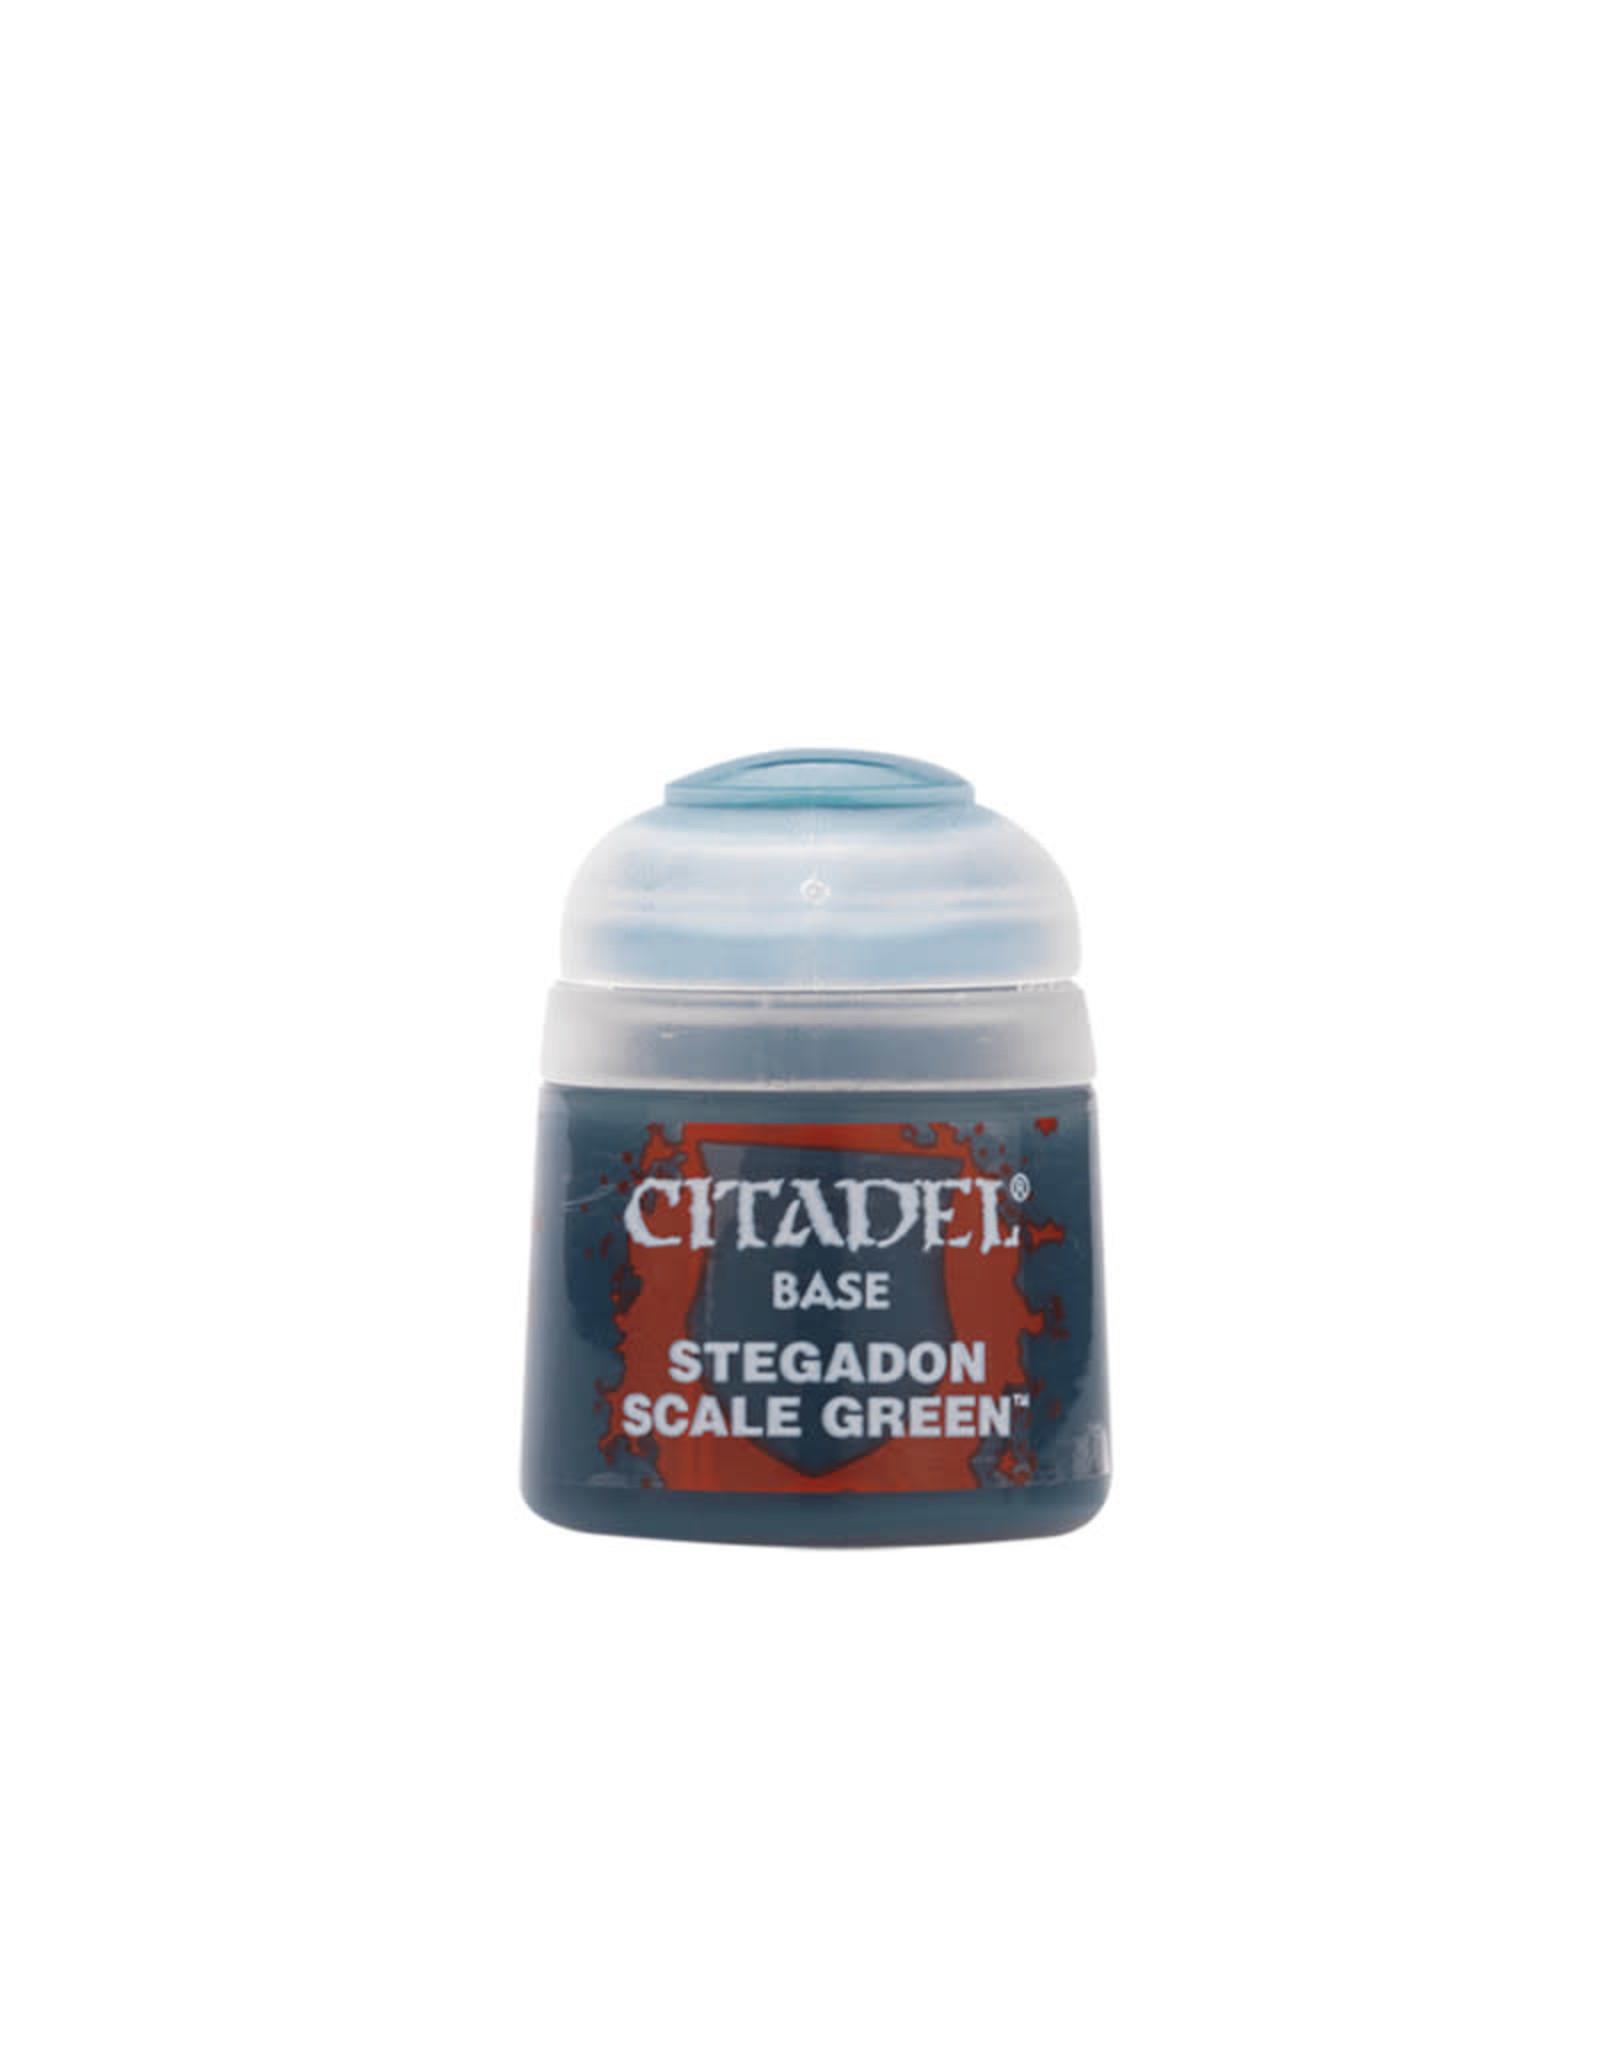 Citadel Base Paint: Stegadon Scale Green